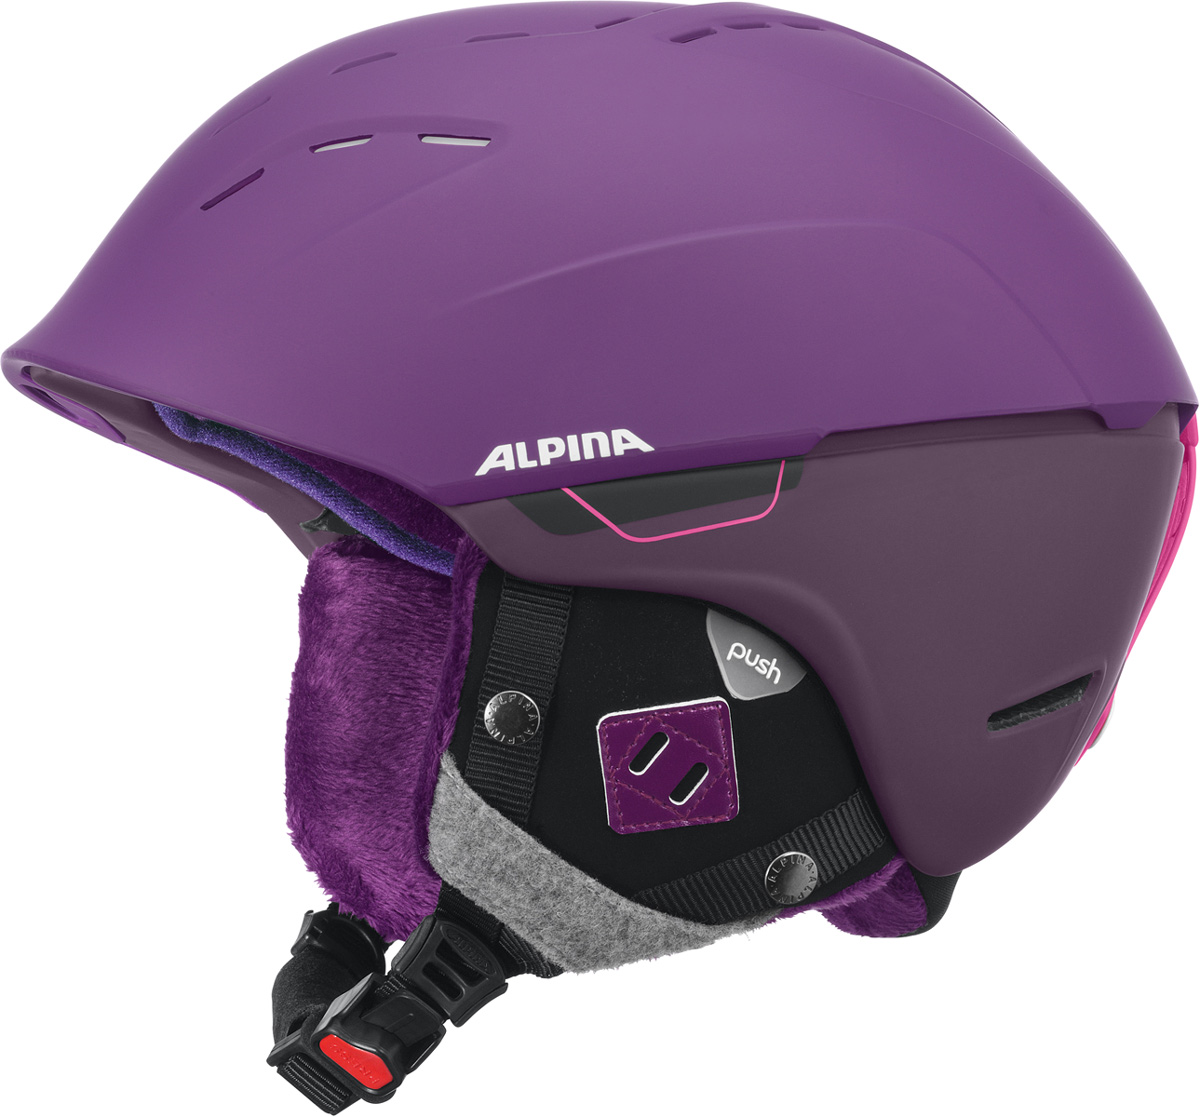 Шлем горнолыжный Alpina  Spice , цвет: фиолетовый. A9067_50. Размер 52-56 - Горные лыжи